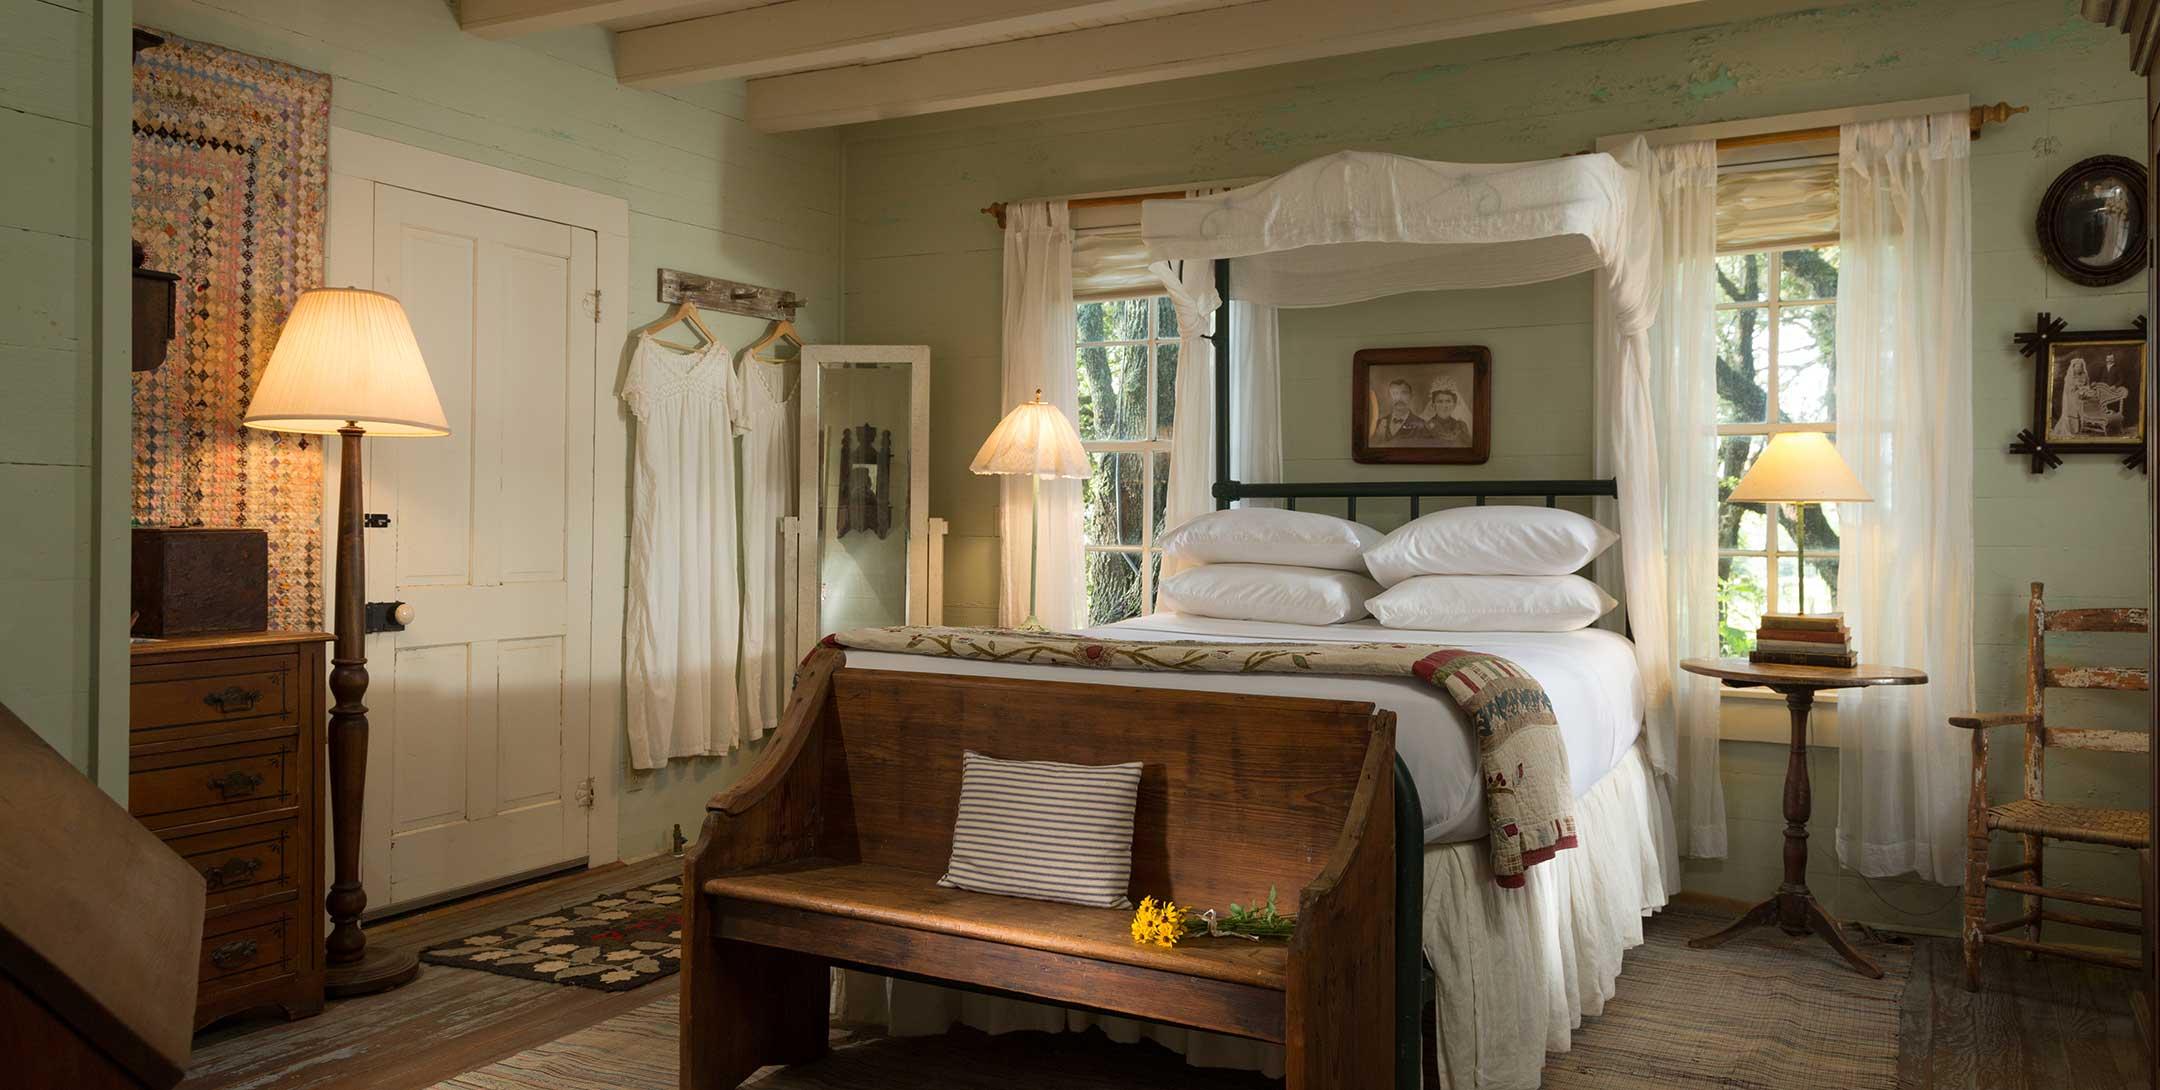 Texas Farm House bedroom